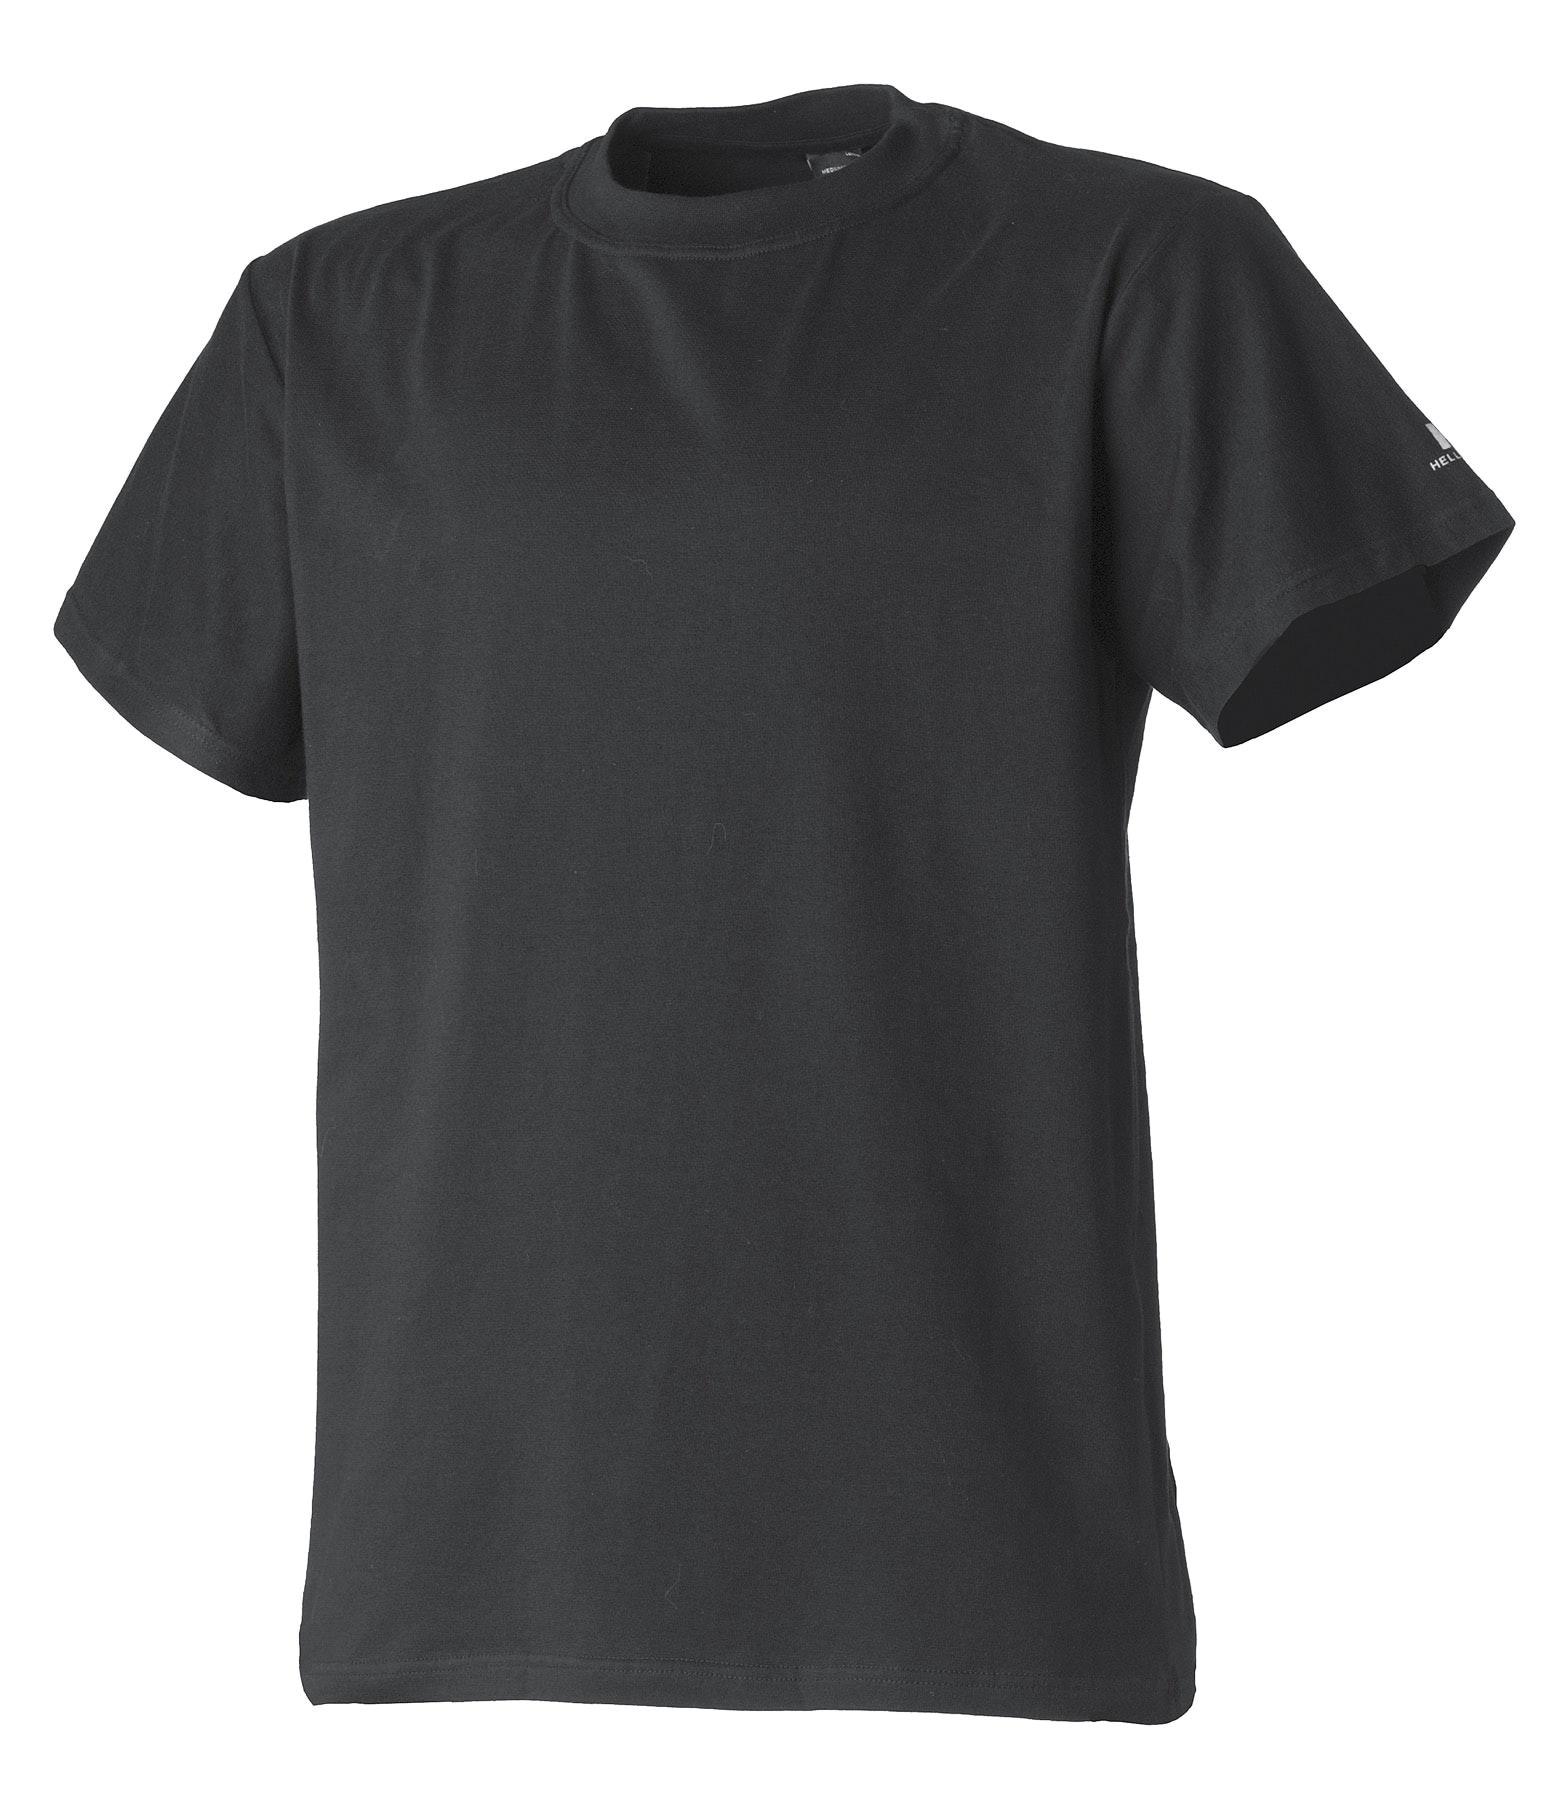 T-Shirt Helly Hansen Svart S Manchester